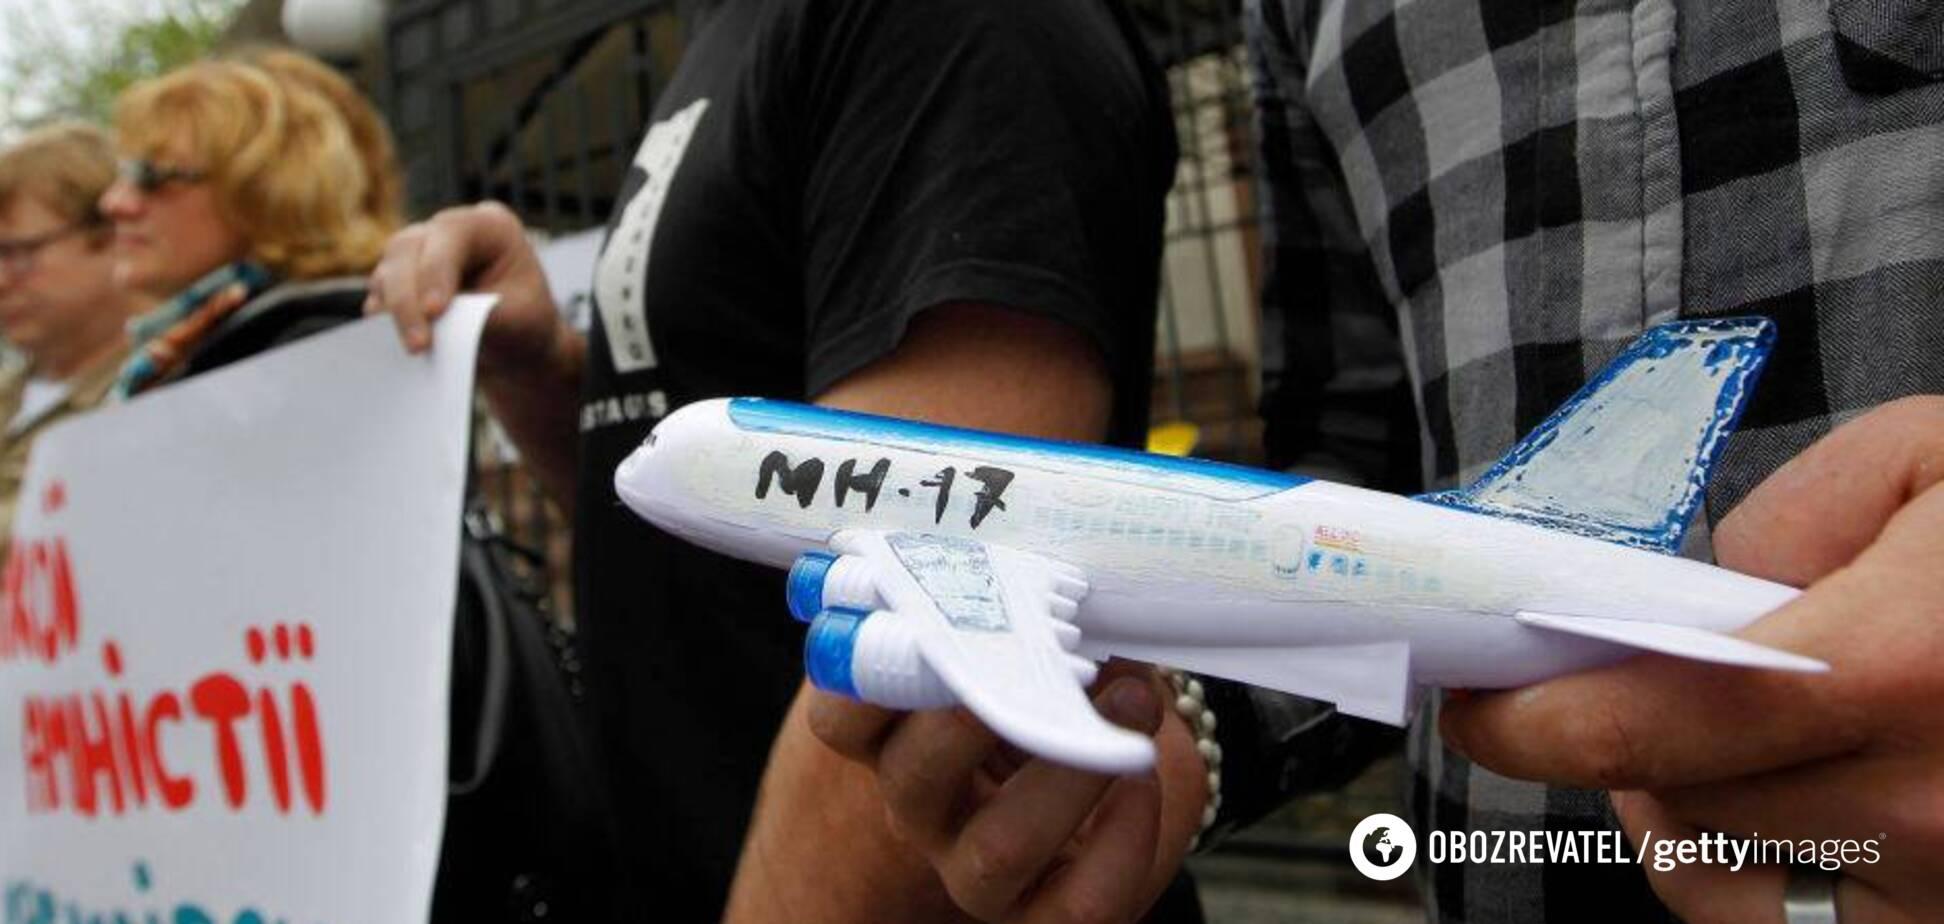 Названо ймовірнтх кураторів тиражування фейків про катастрофу МН17